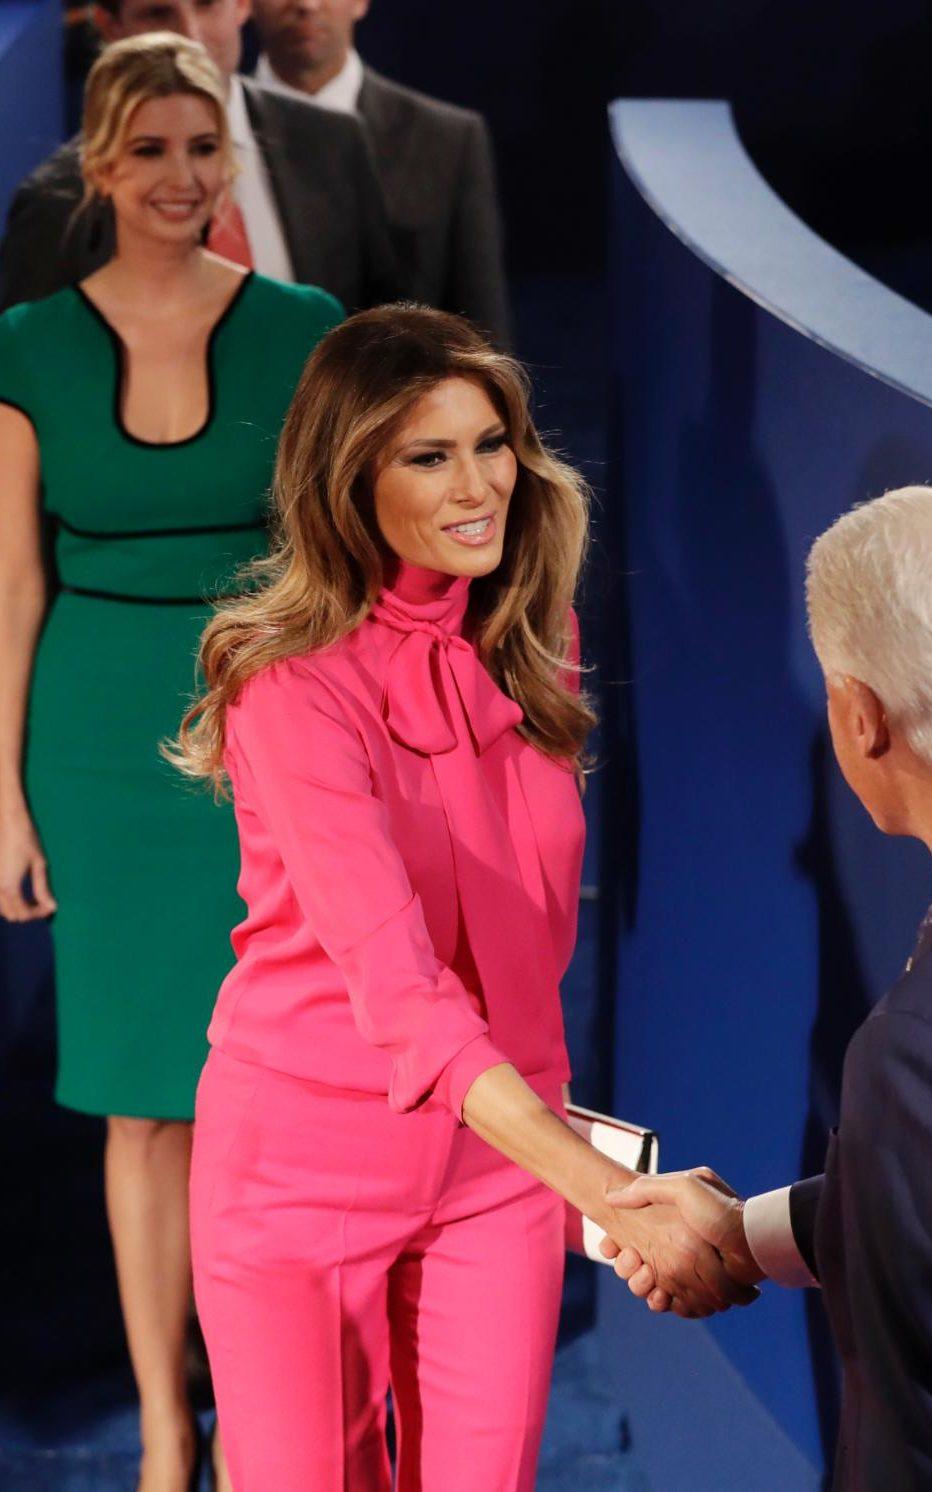 Ngắm vợ tân tổng thống sang chảnh nhất nước Mỹ - 7